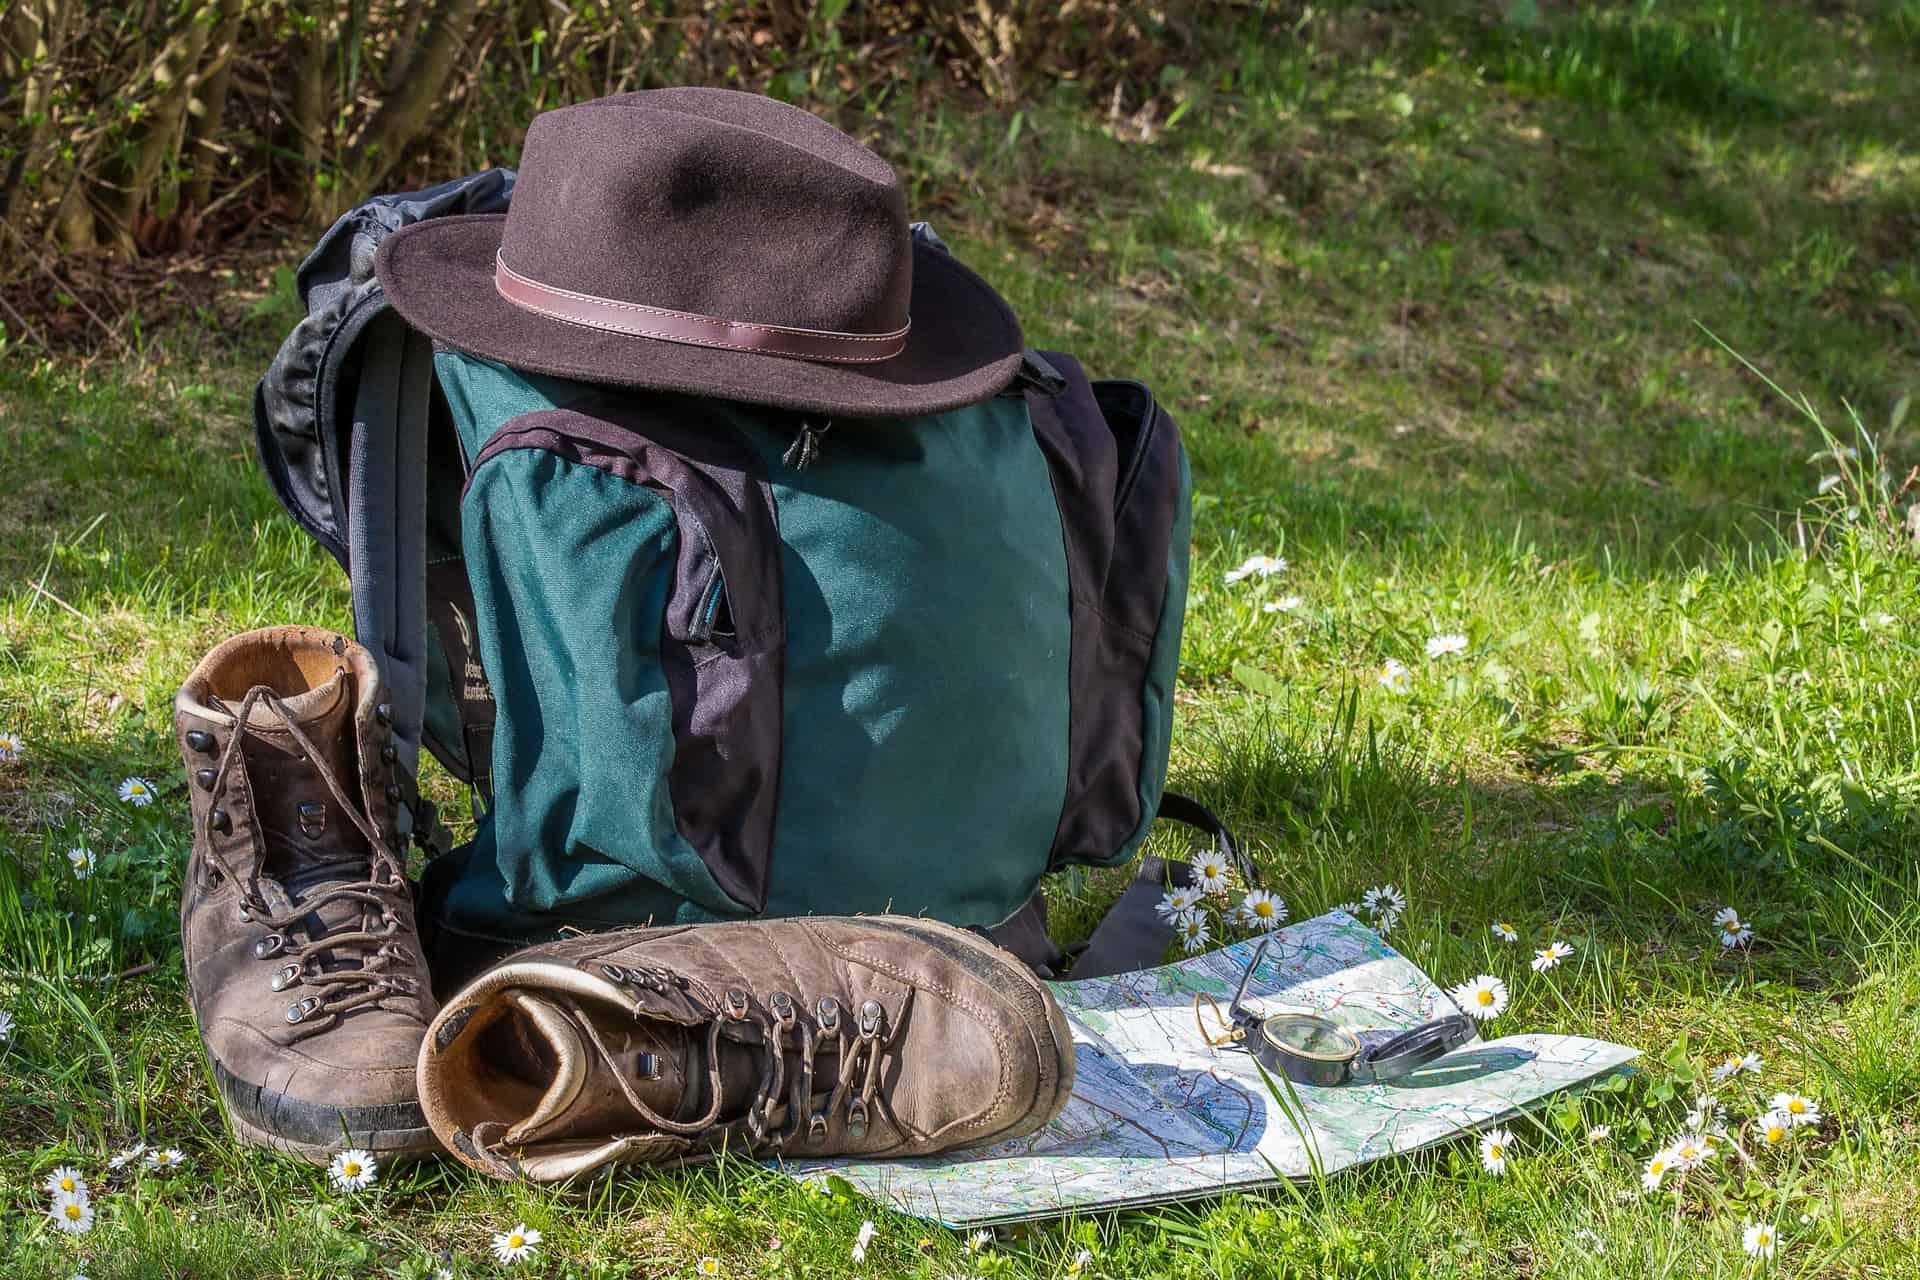 Wandersocken: Test & Empfehlungen (04/21)